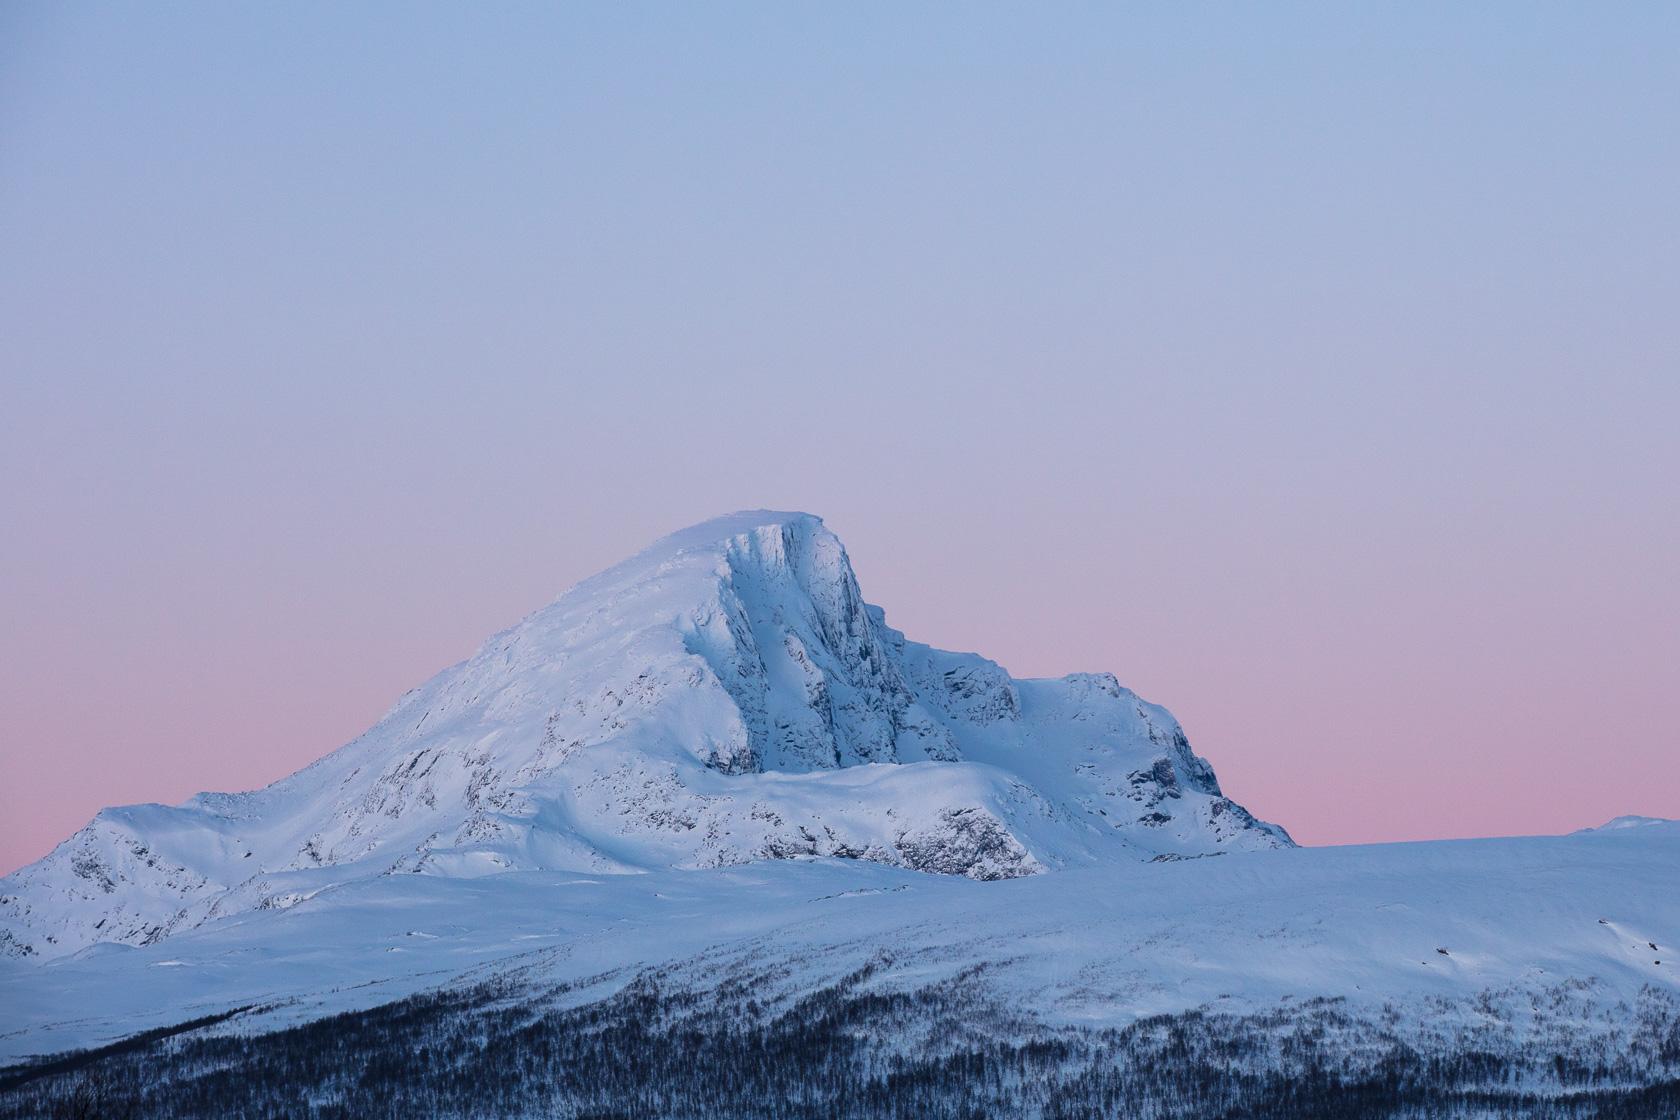 Blåfjellet en hiver, dans la région du Troms en Norvège